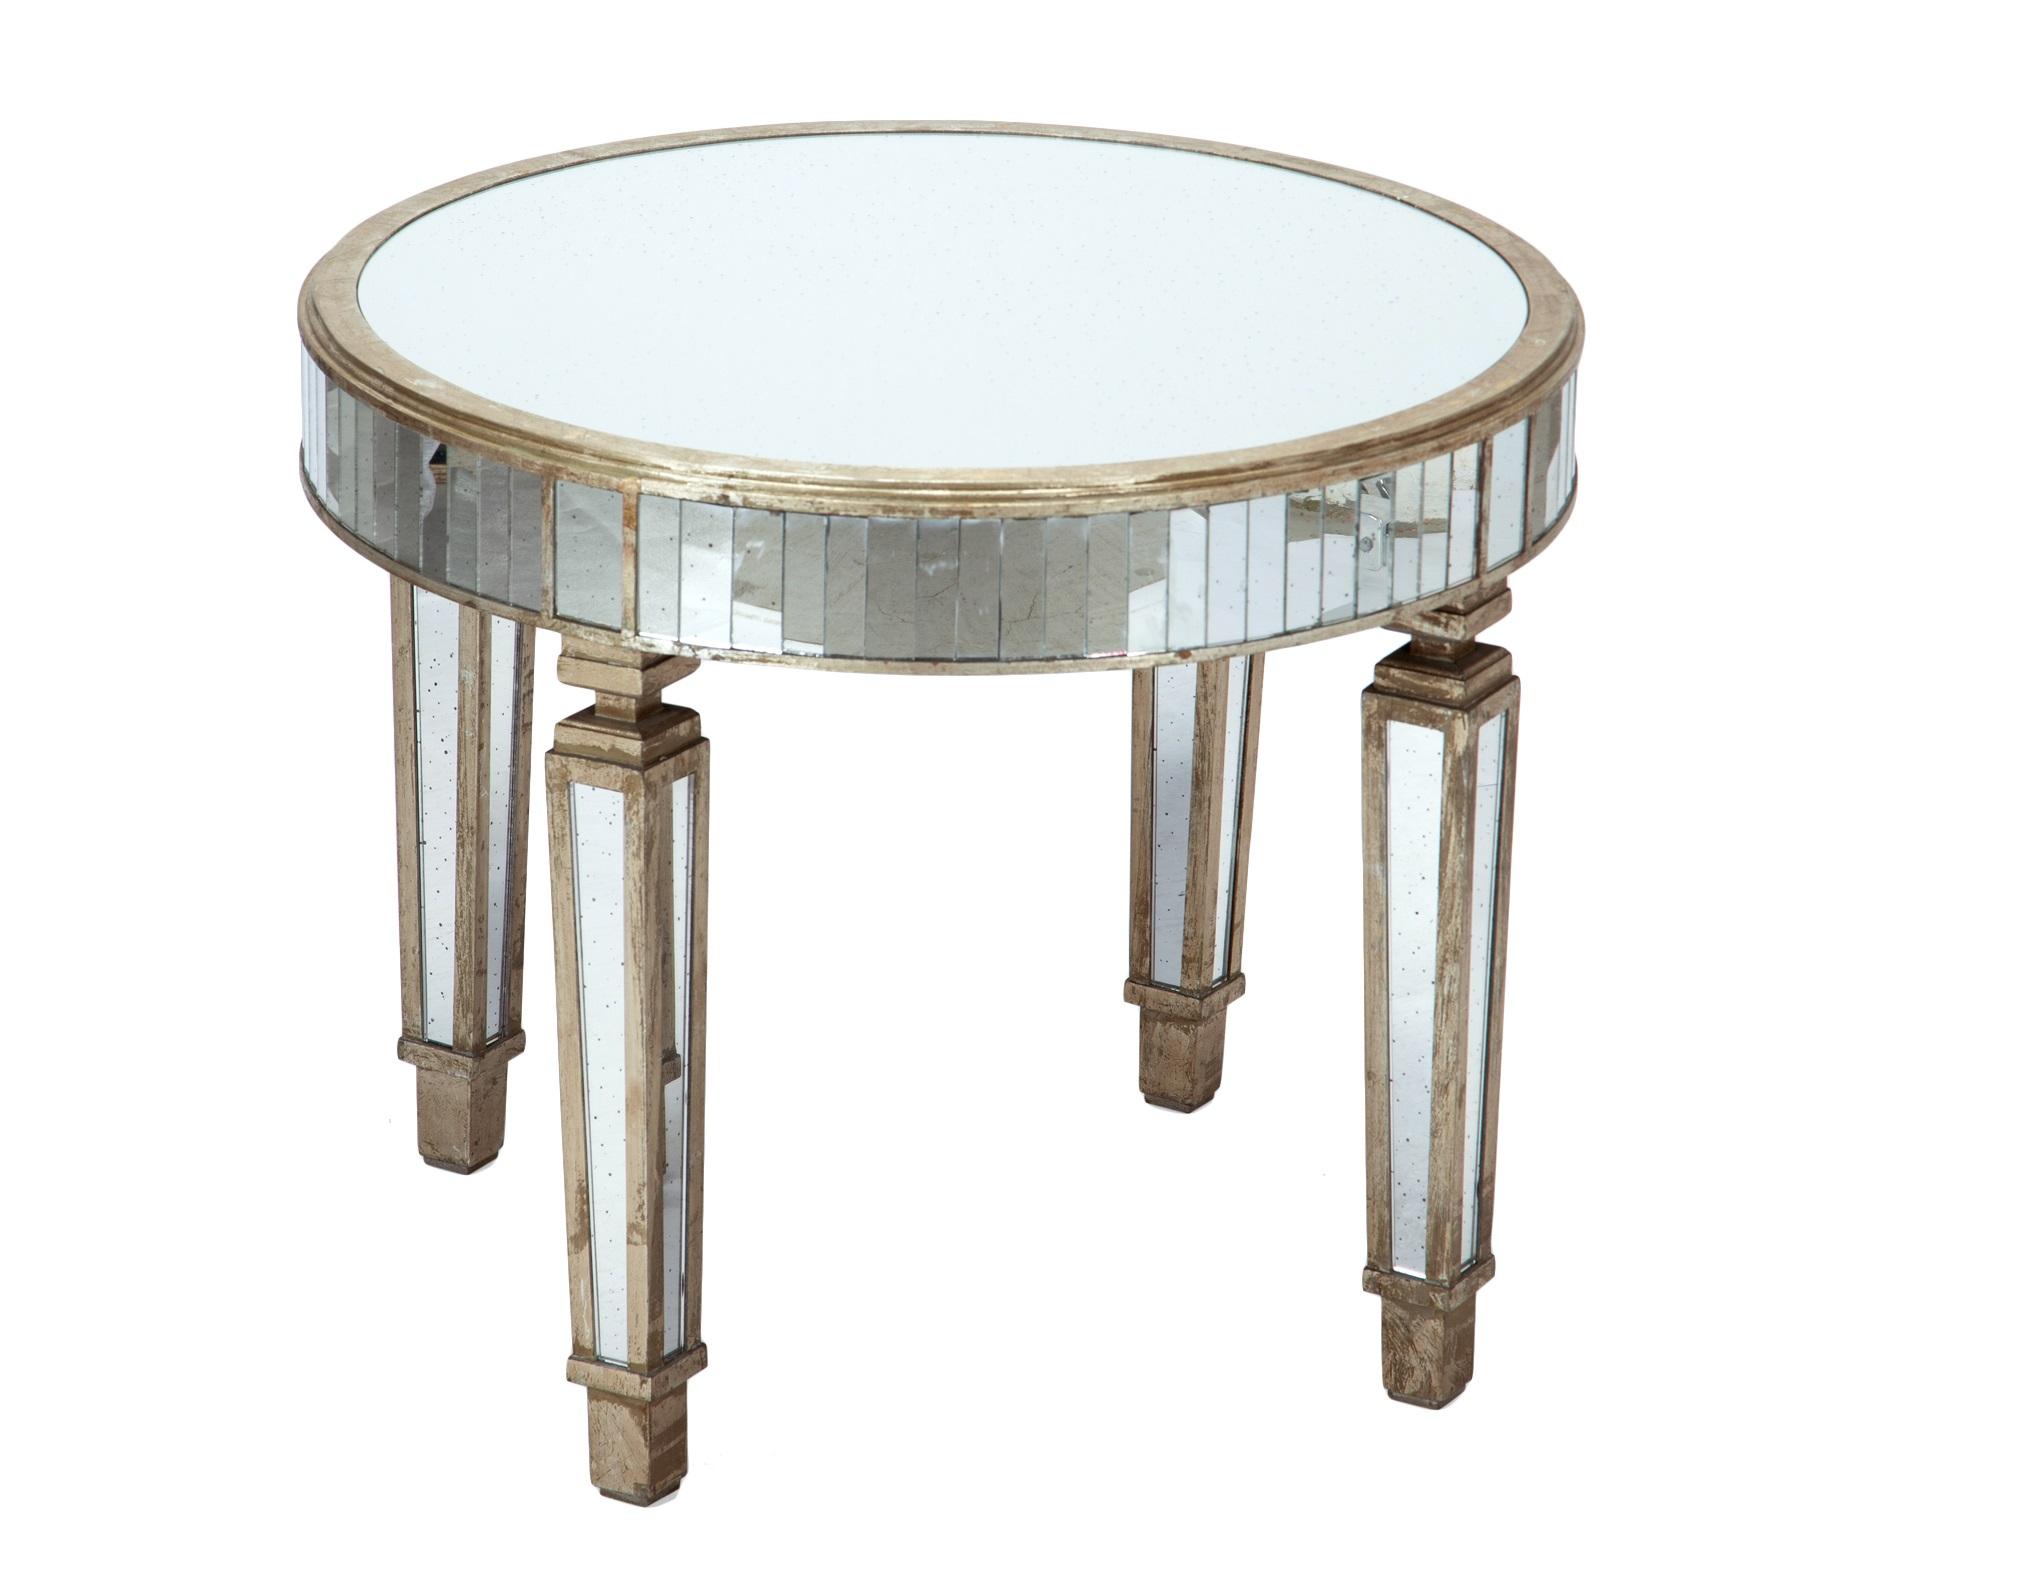 СтолПриставные столики<br>Стол круглый зеркальный на четырех ножках. Столешница украшена вставками из зеркального стекла и старением.<br><br>Material: Стекло<br>Height см: 77<br>Diameter см: 91